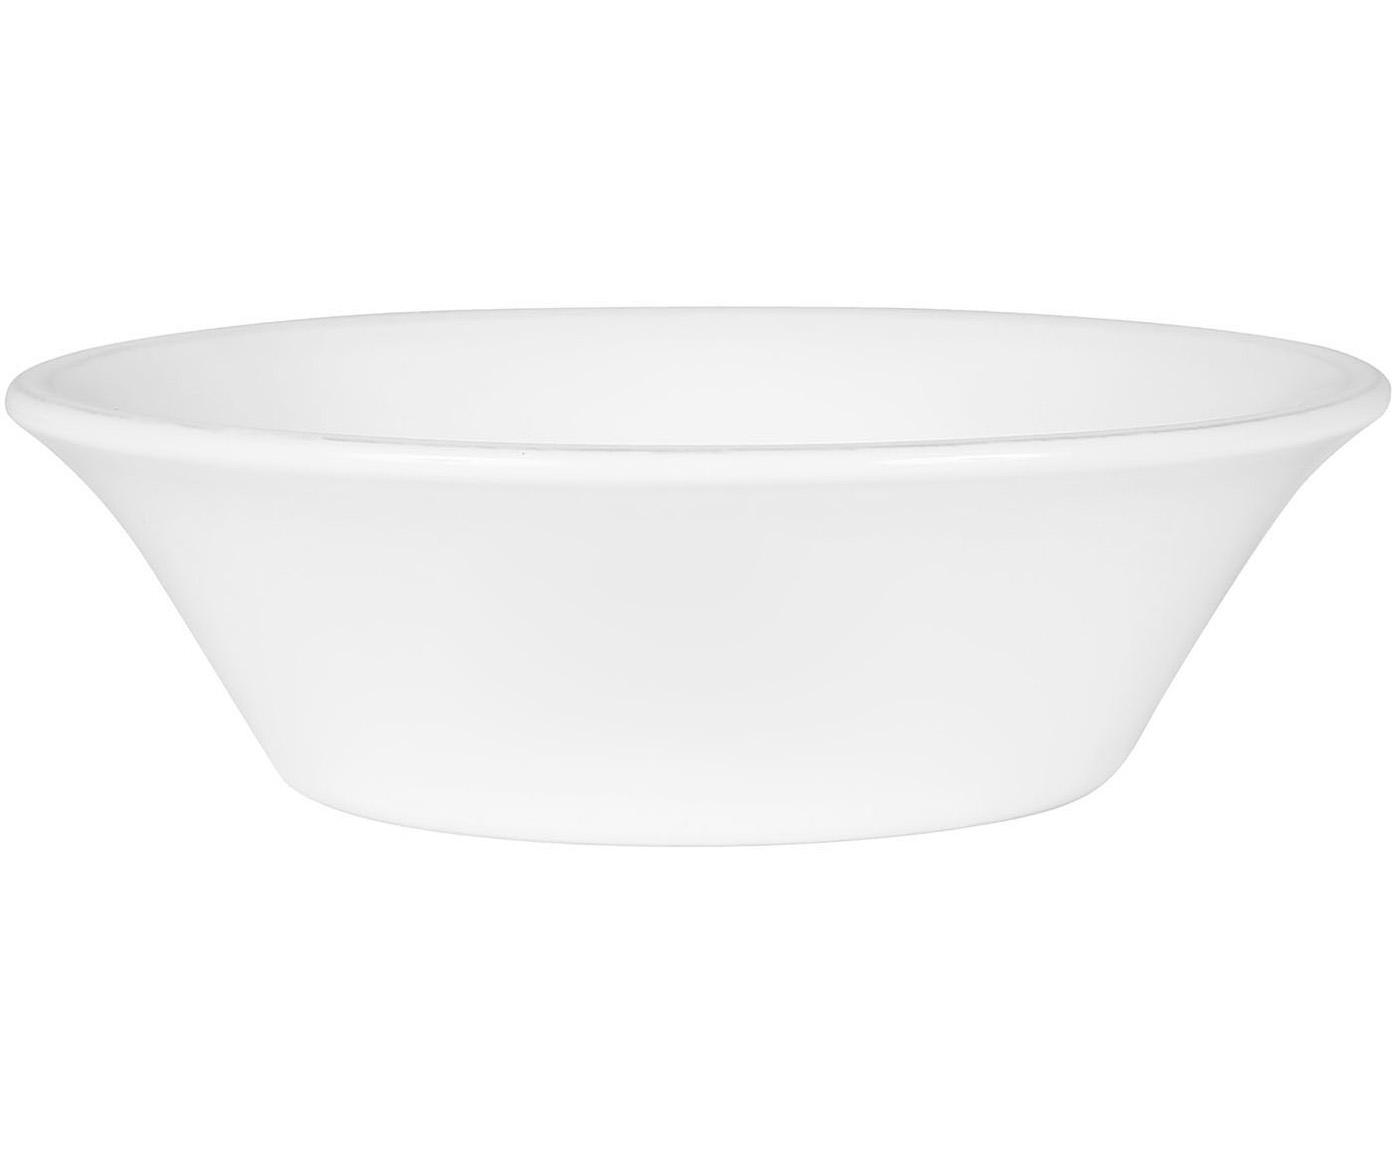 Miska Constance, 2 szt., Kamionka, Biały, Ø 19 x W 5 cm